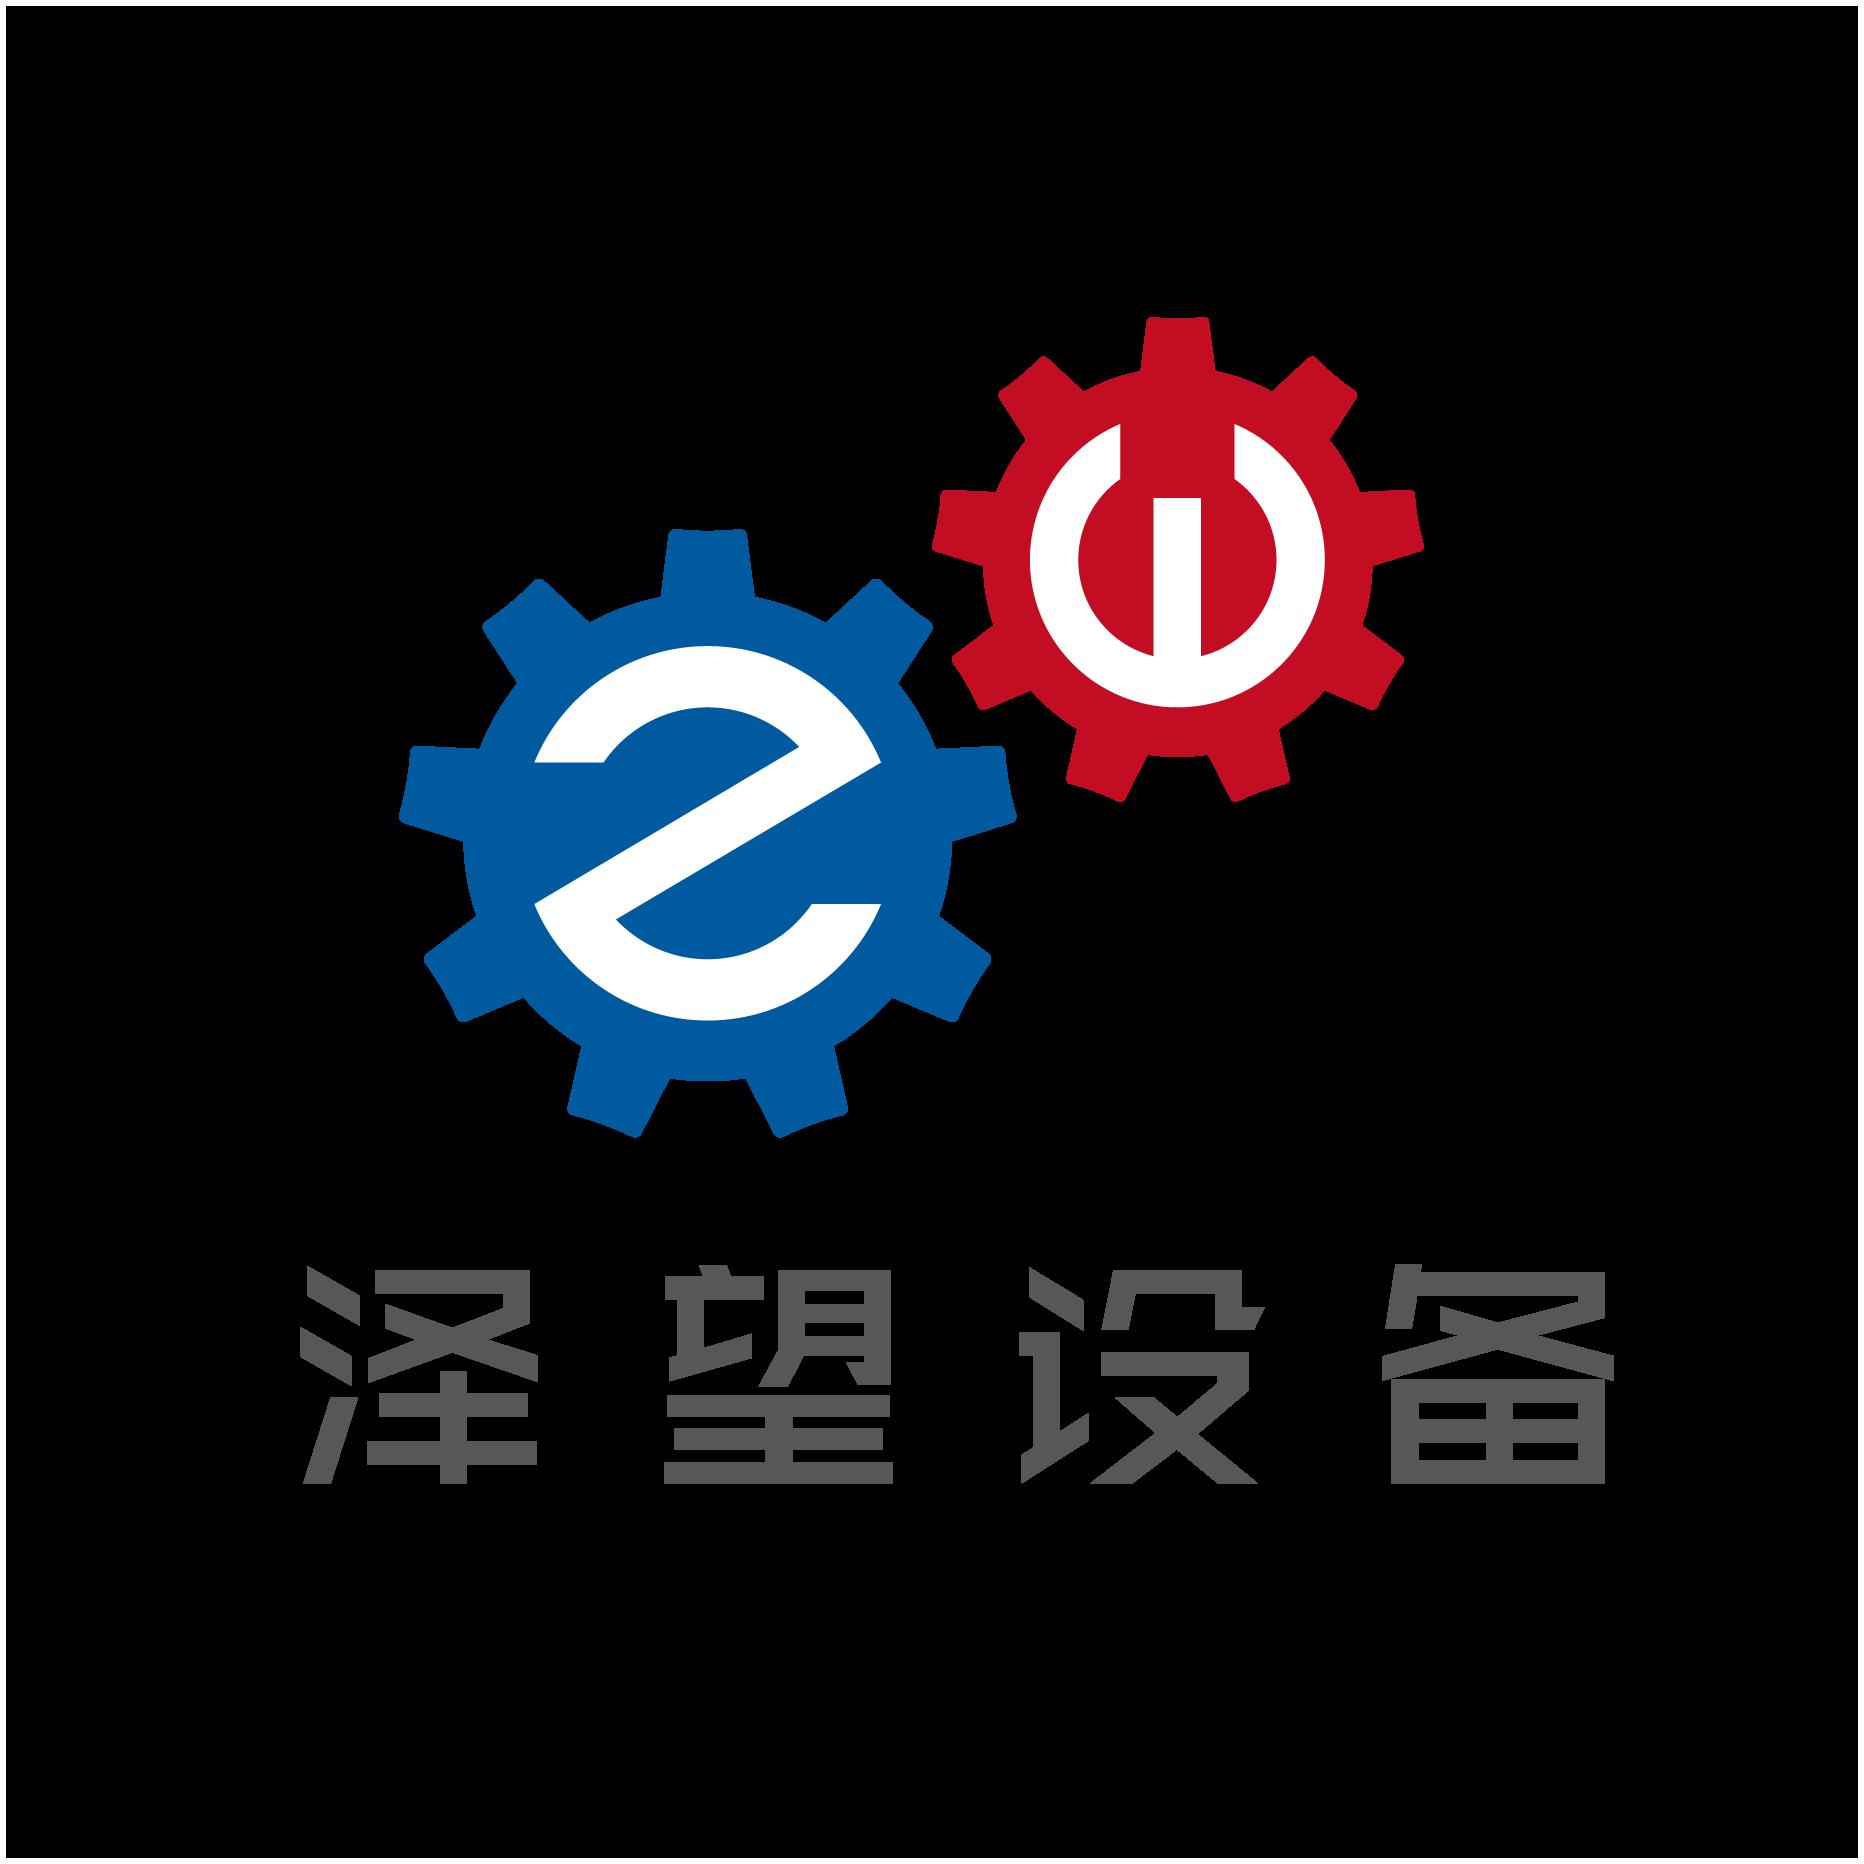 泽望自动化设备(上海)有限公司